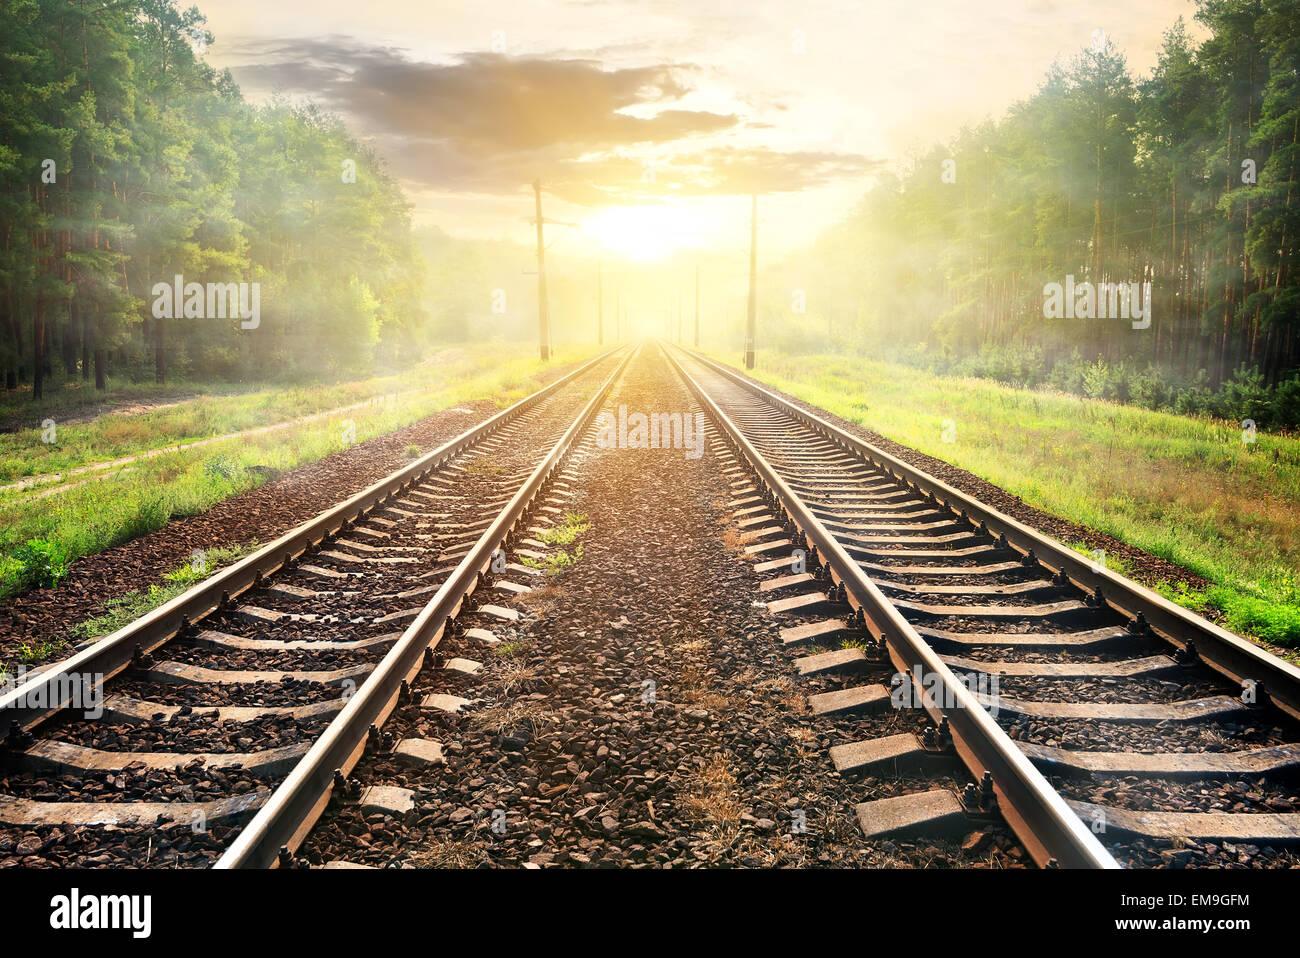 Brouillard sur chemin de fer en forêt au lever du soleil Photo Stock